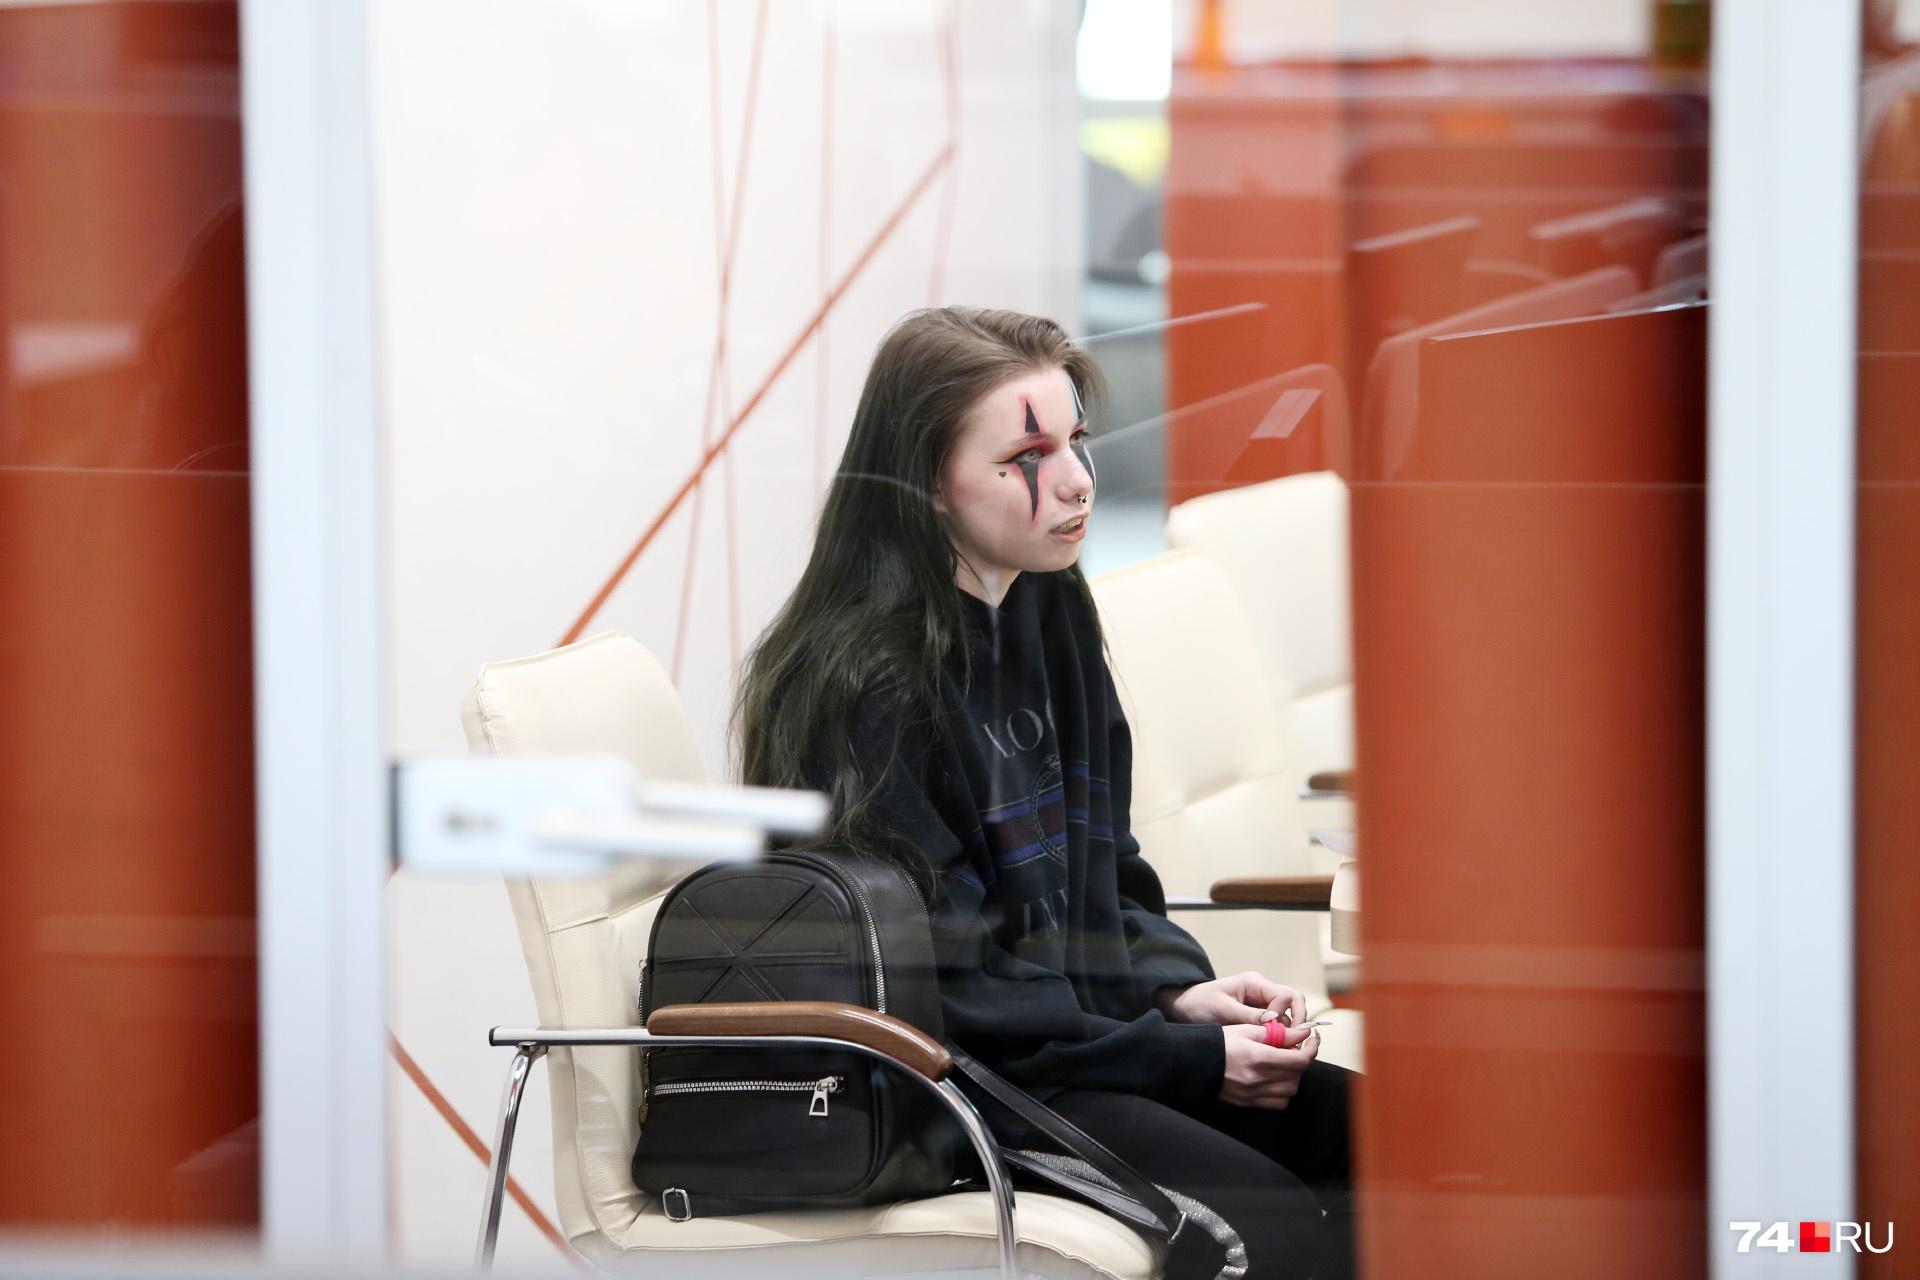 В общении Анастасия Романова производит впечатление скромной девочки